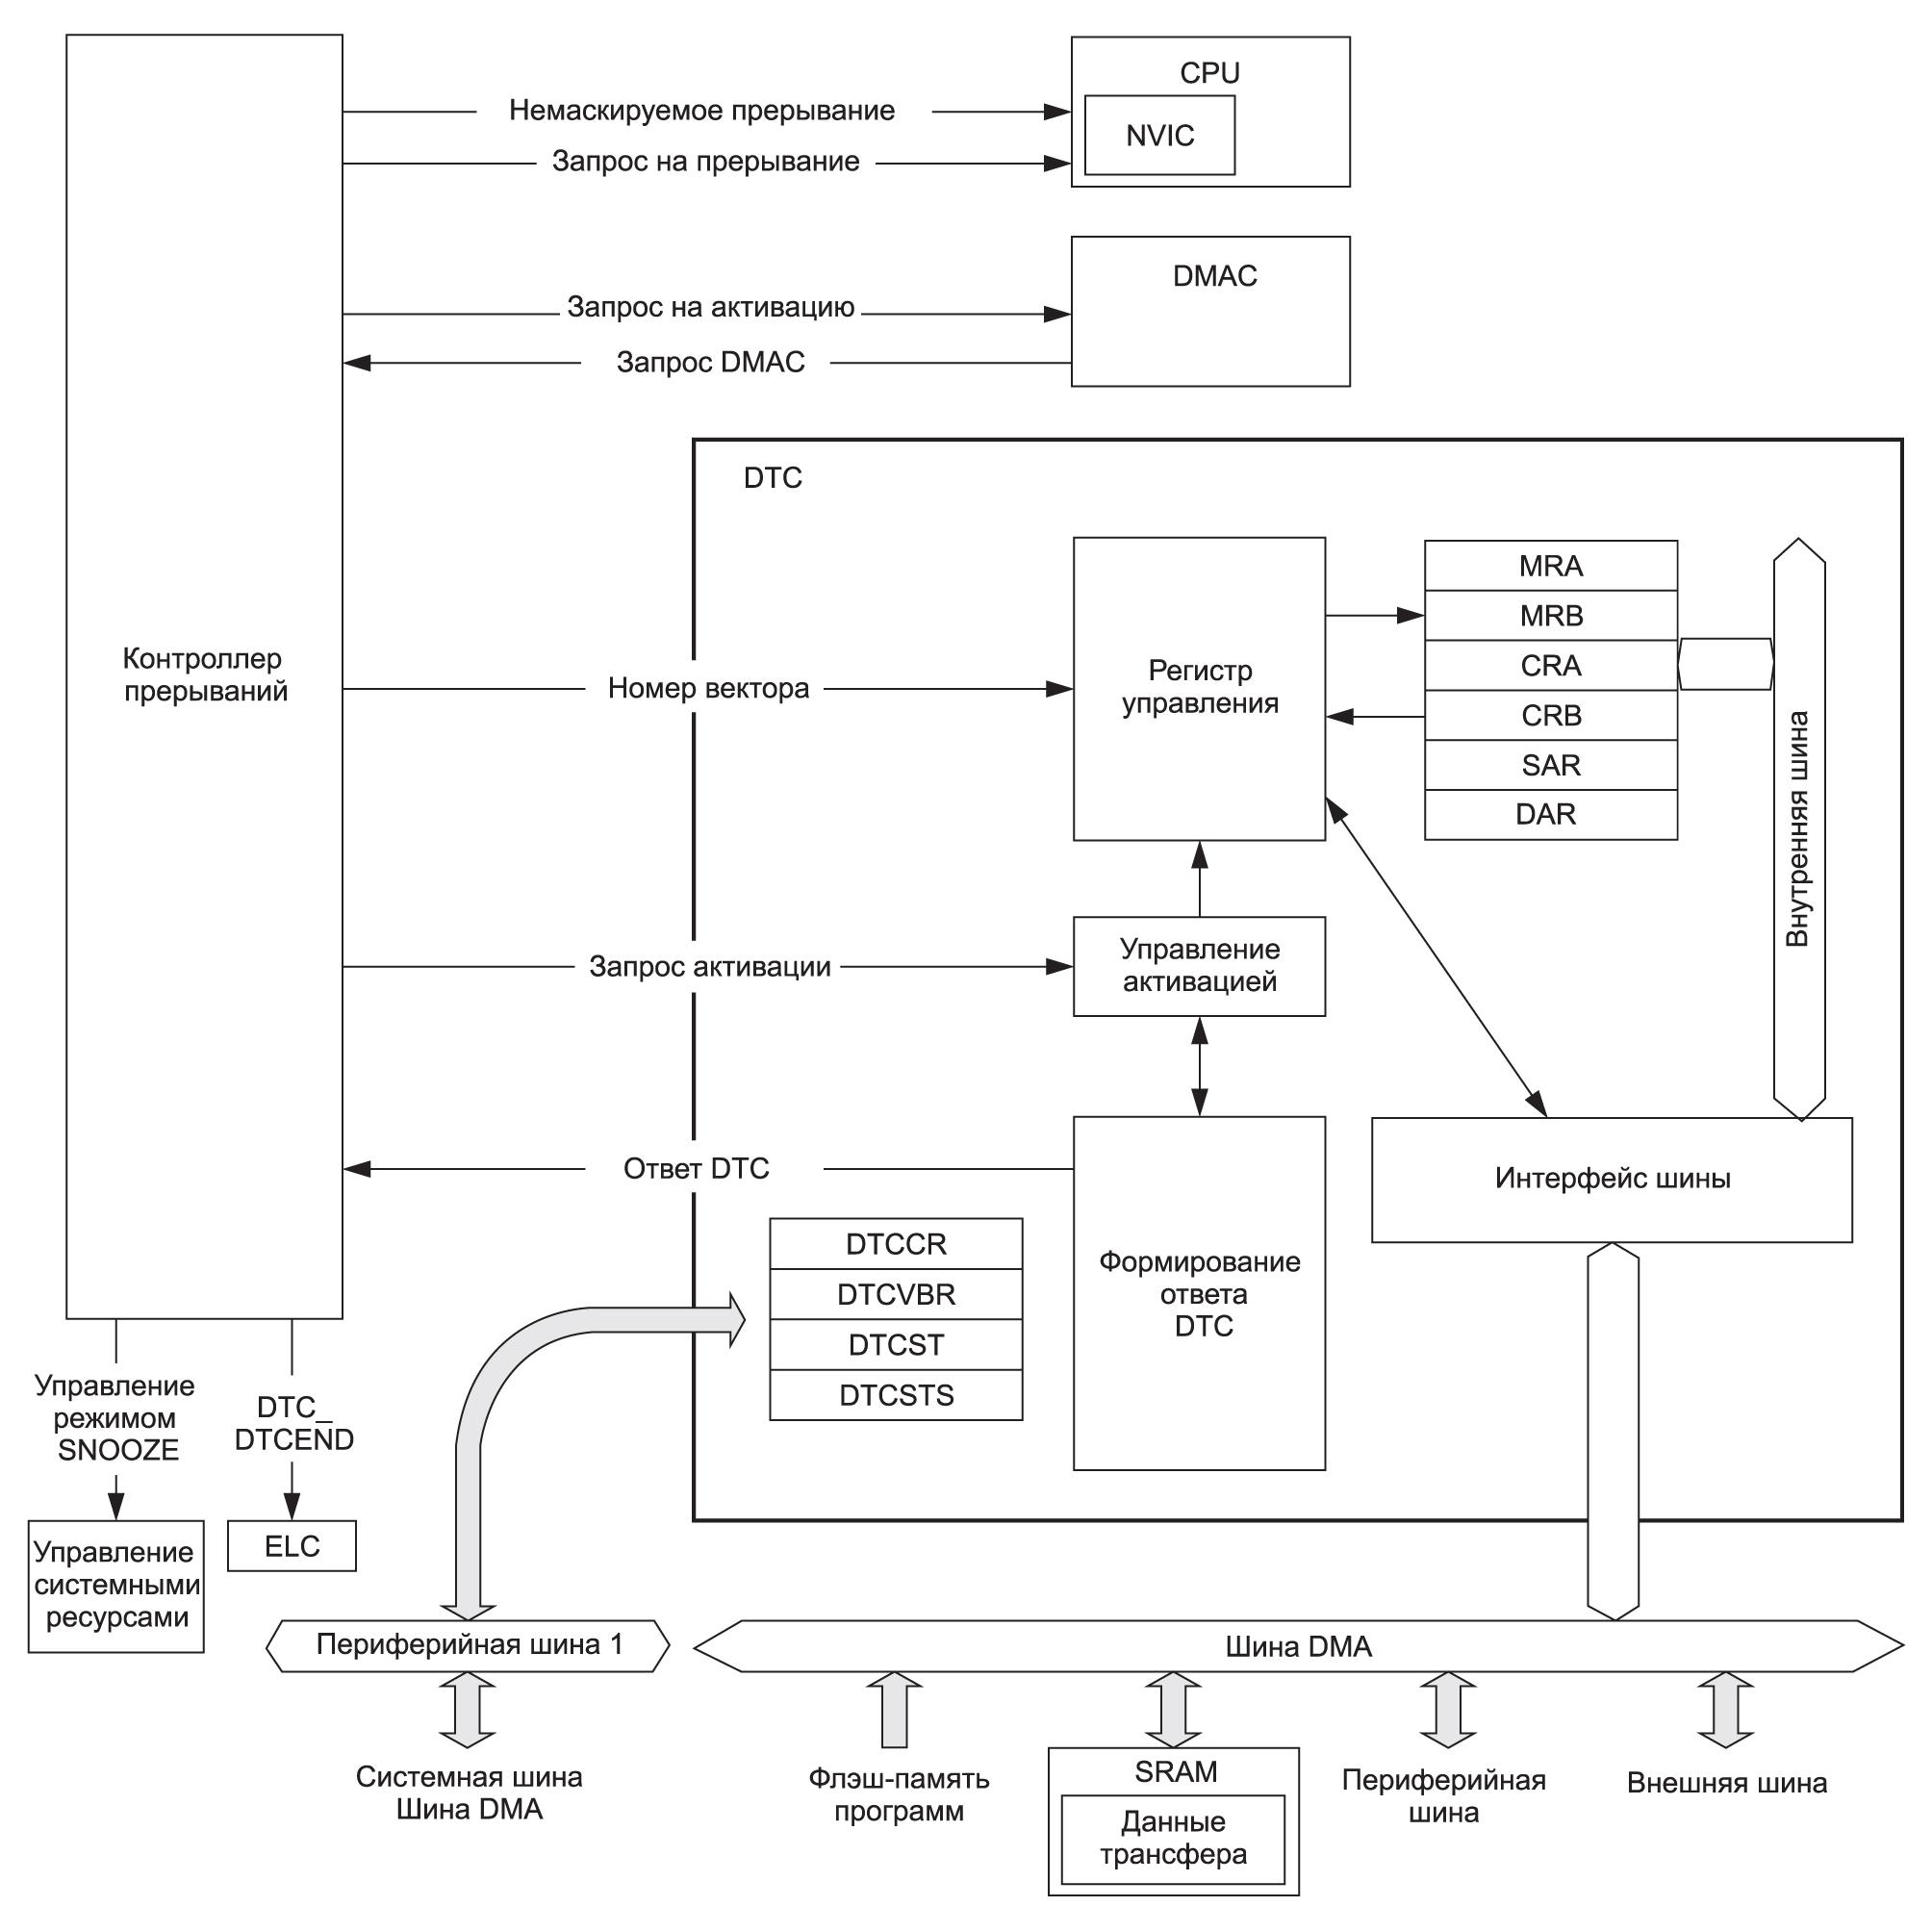 Структурная схема котроллера DTC